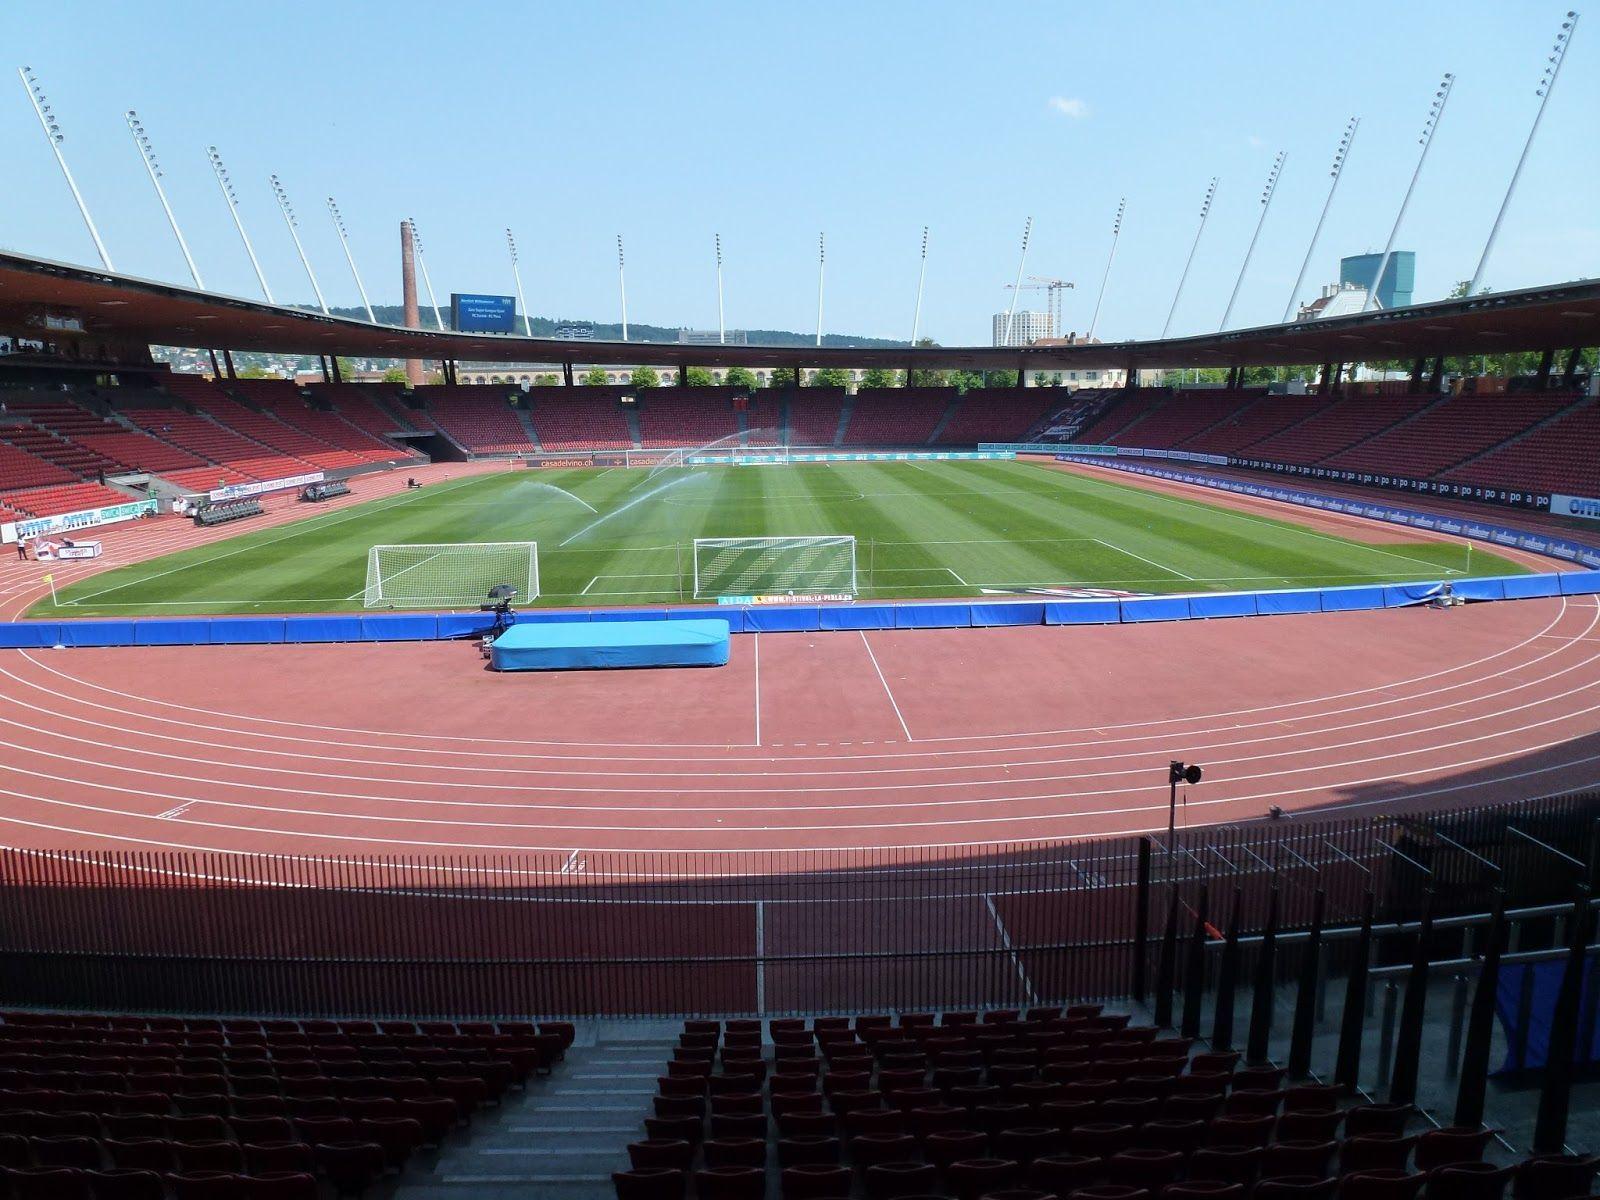 Pin on European football stadiums